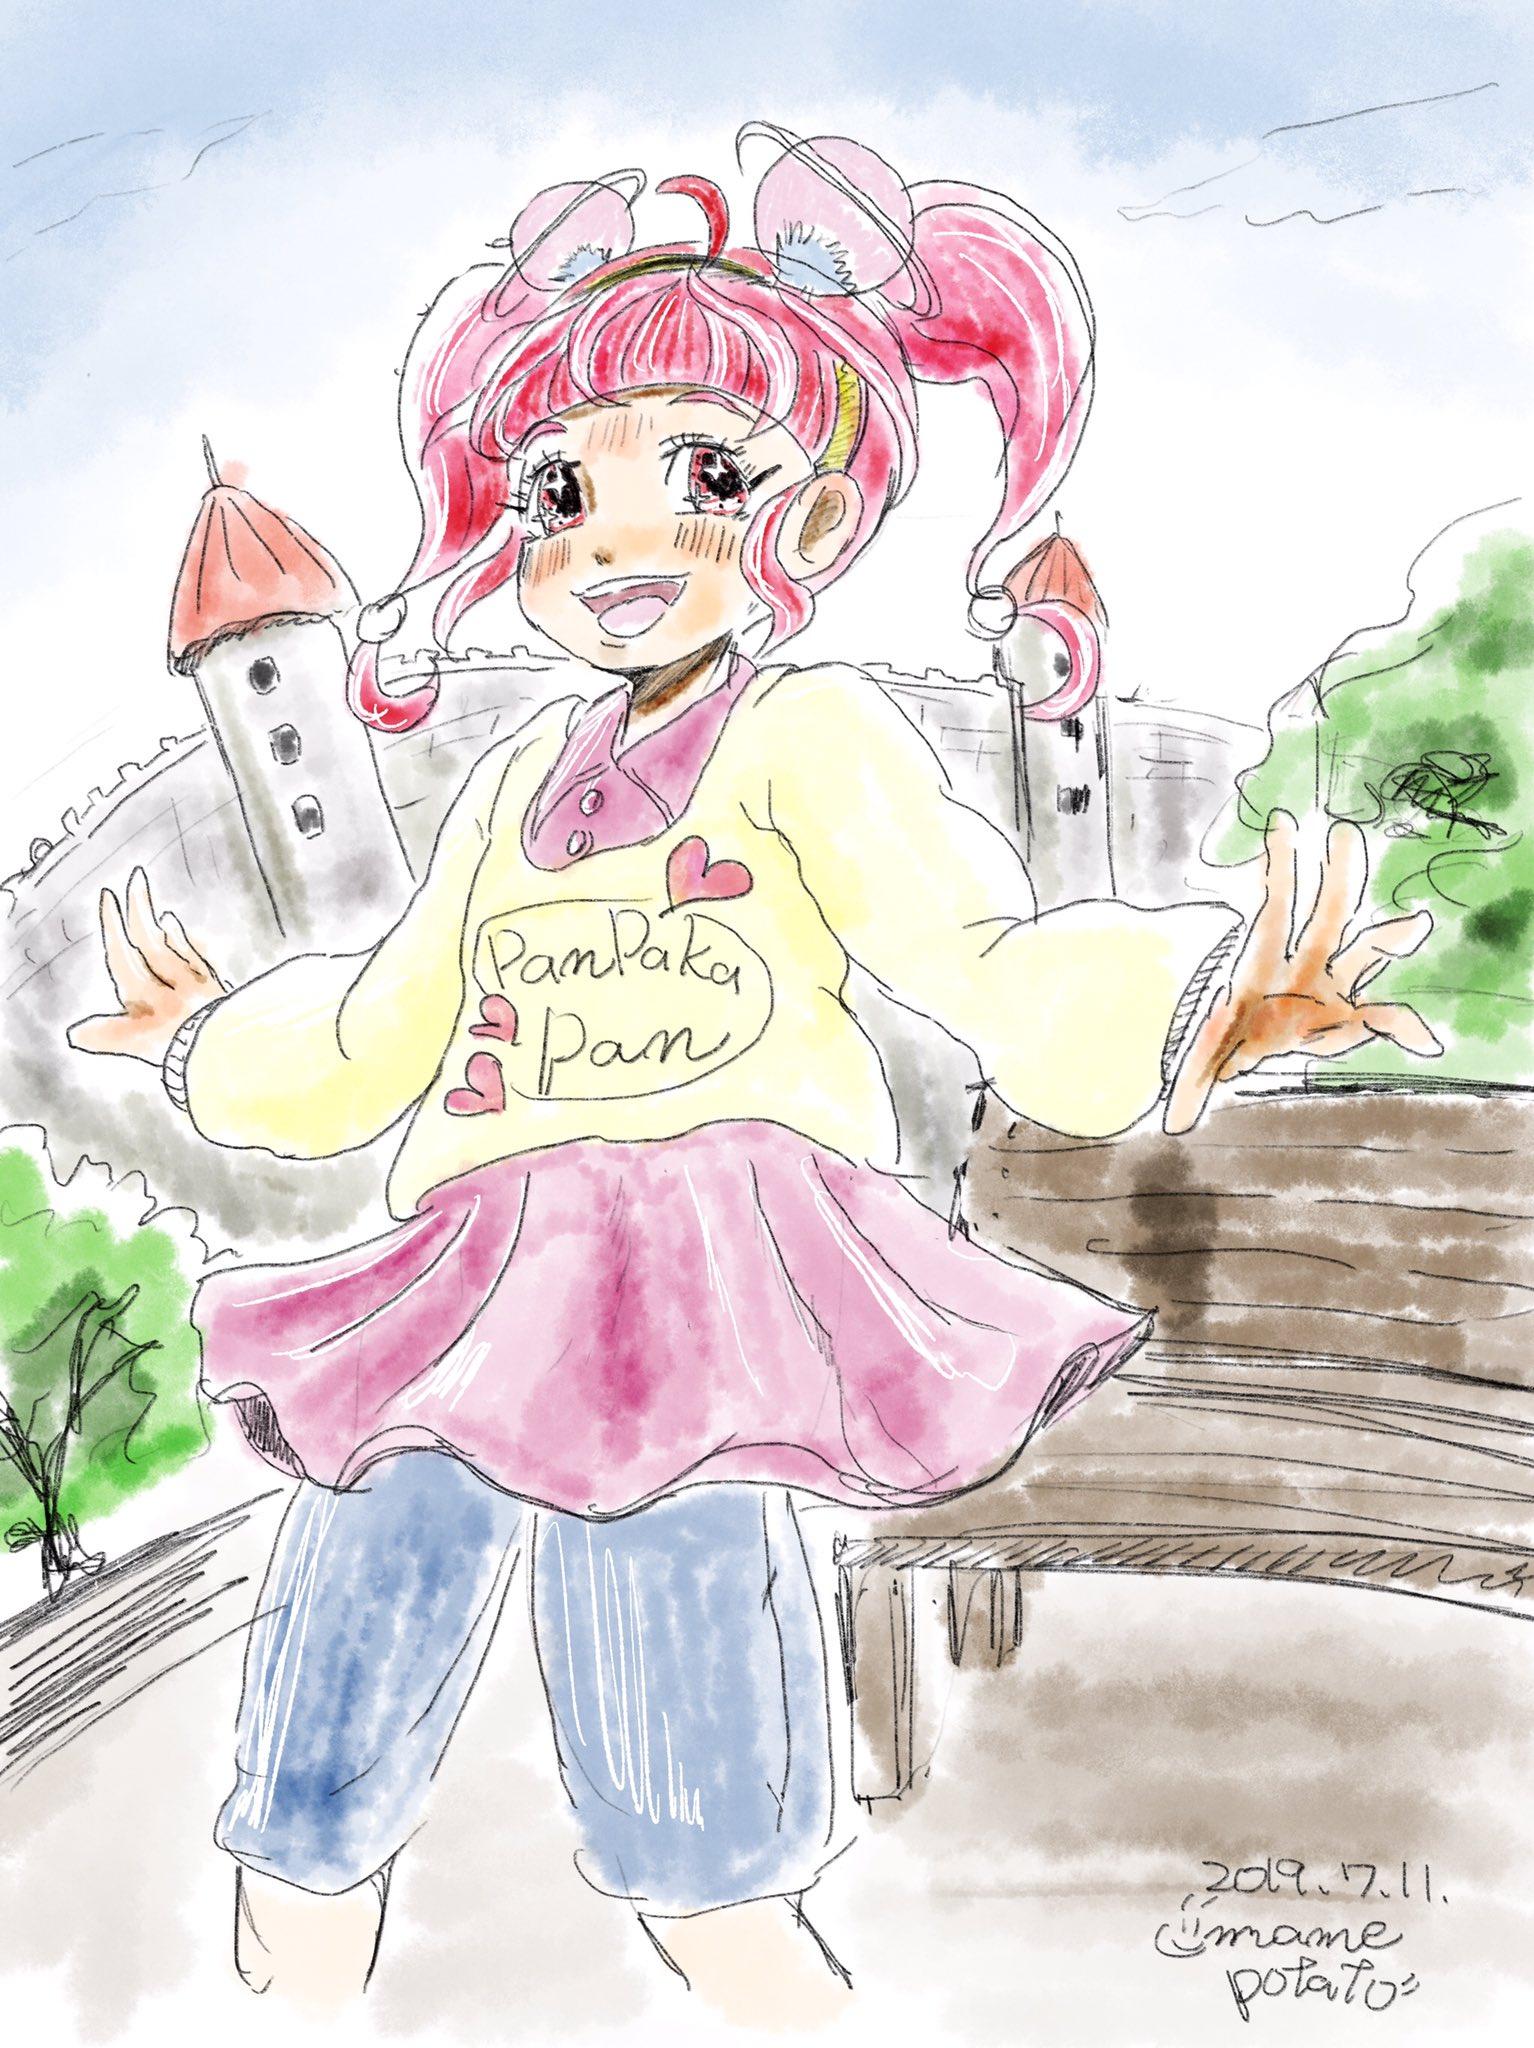 まめポテト@S☆S方面アイカツ!行、もちとうもろこし布教 (@mamepotato2)さんのイラスト